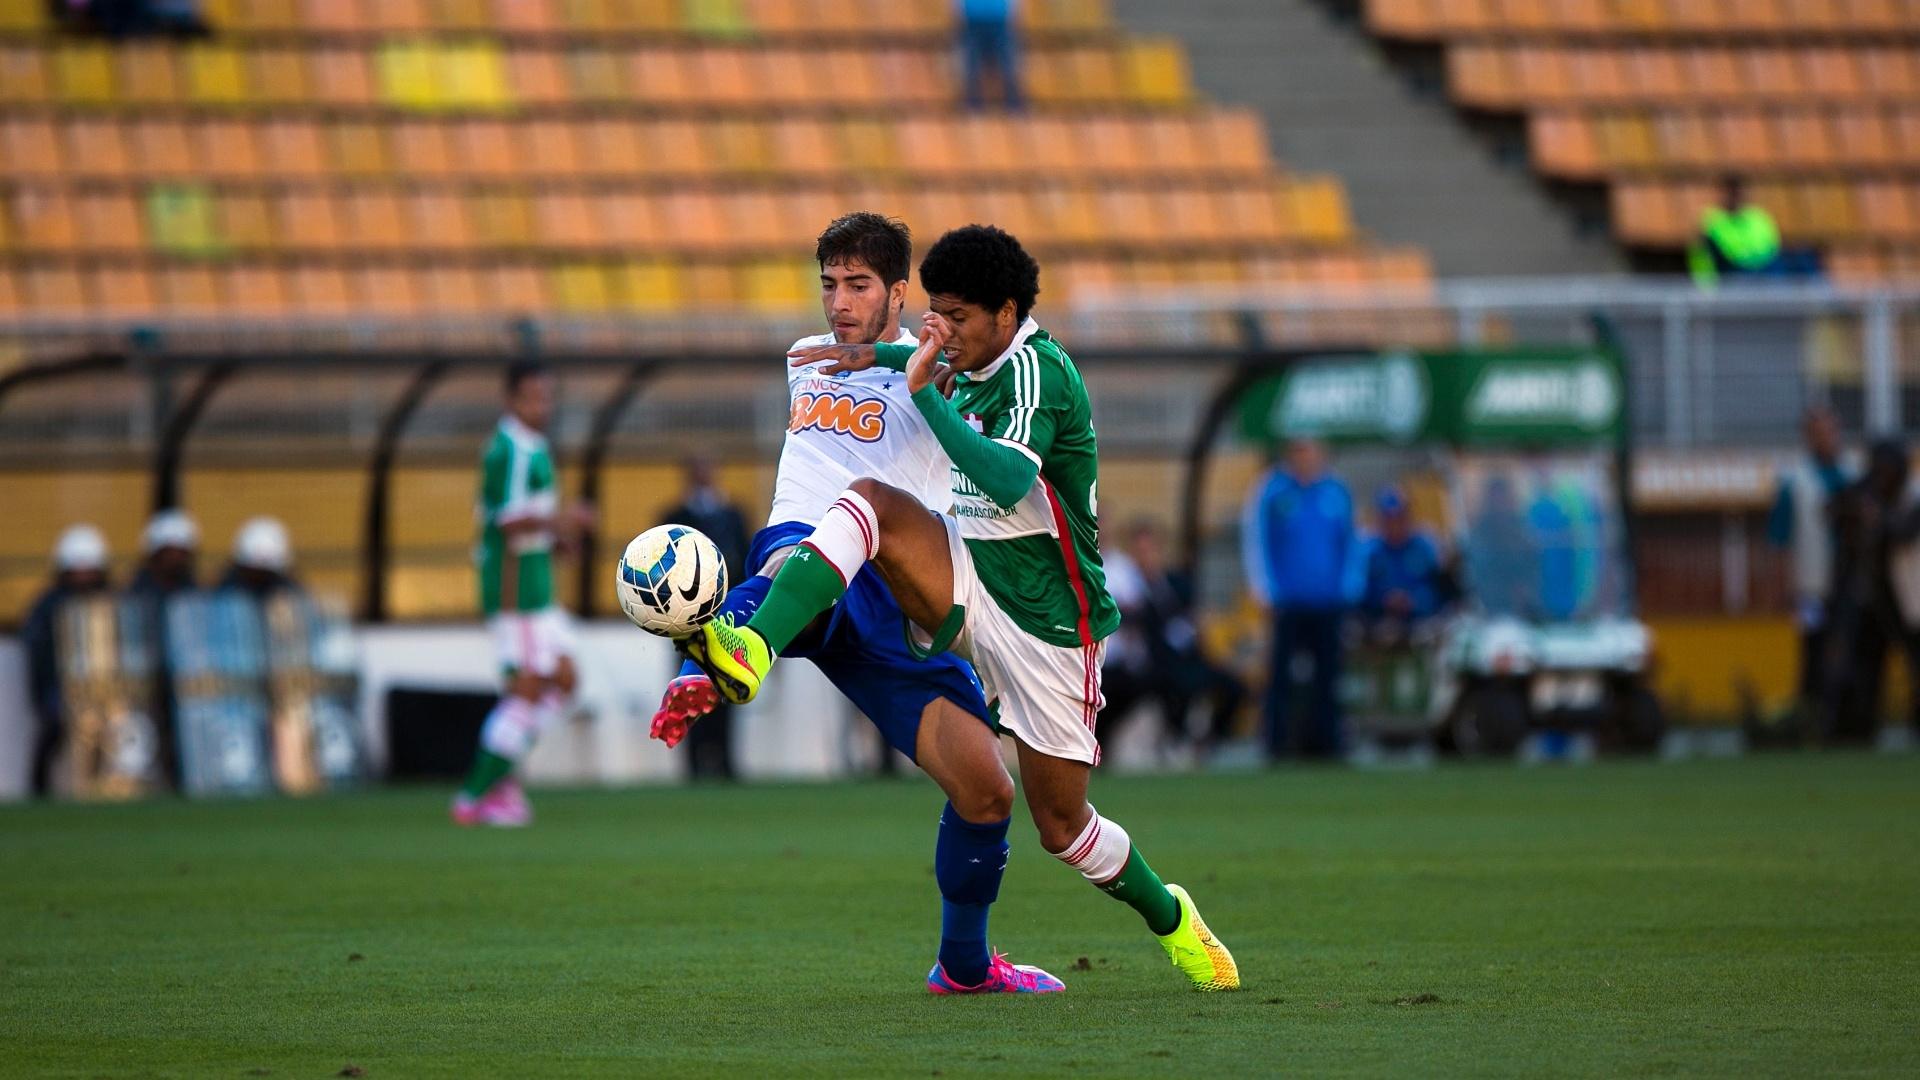 Leandro tenta vencer marcação do Cruzeiro na velocidade durante jogo pelo Brasileiro no Pacaembu